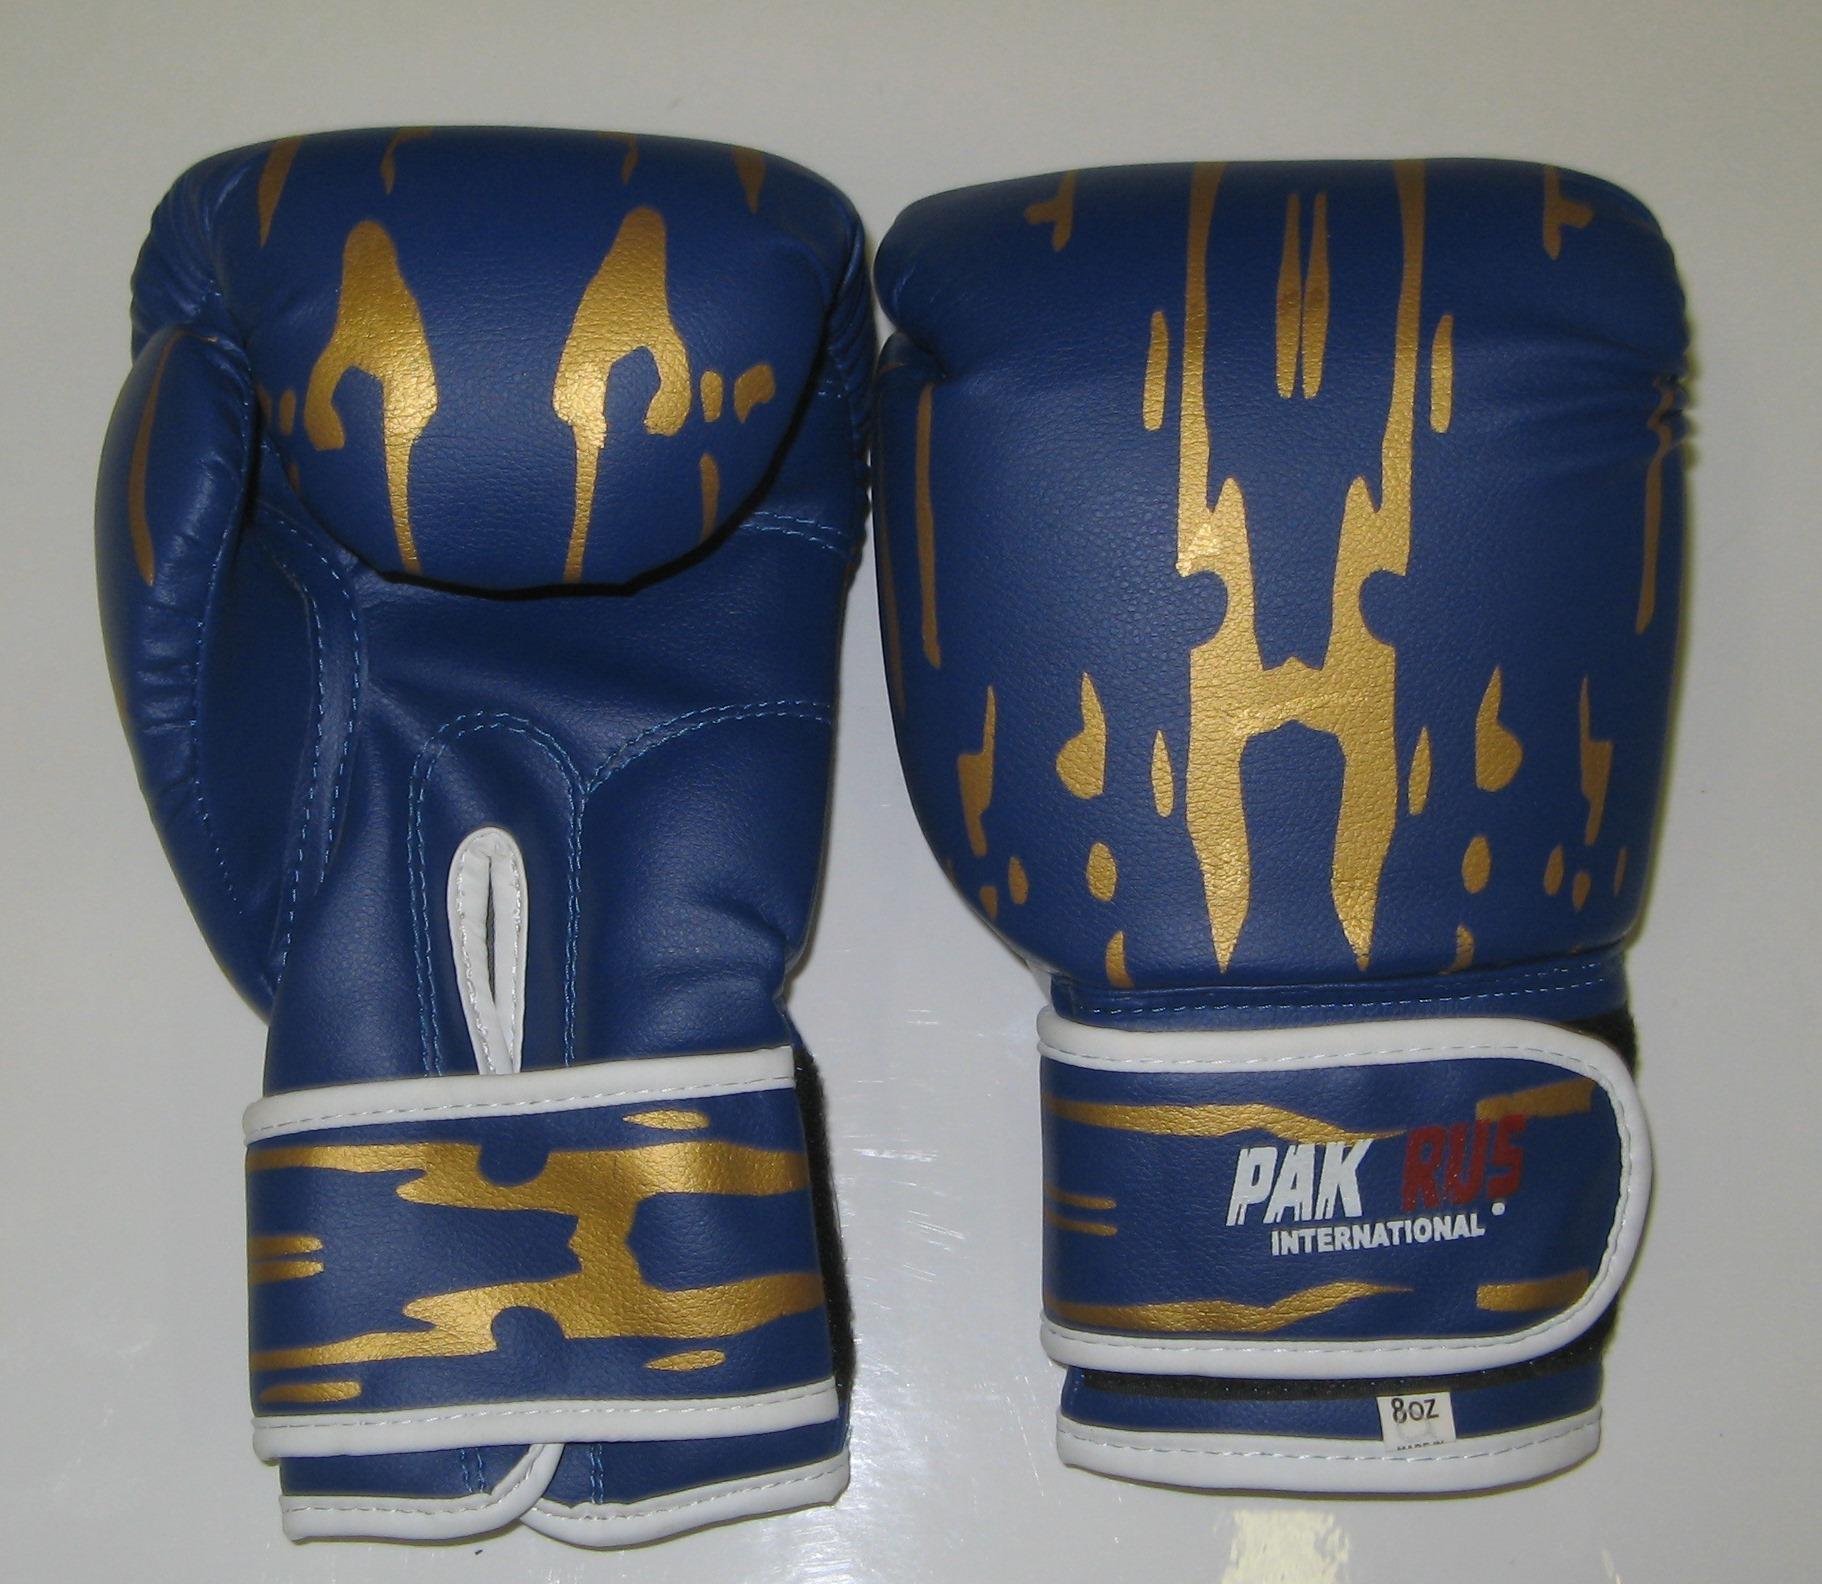 Перчатки боксерские Pak Rus, искусственная кожа, 8 OZ, PR-11-015 - артикул: 800980392